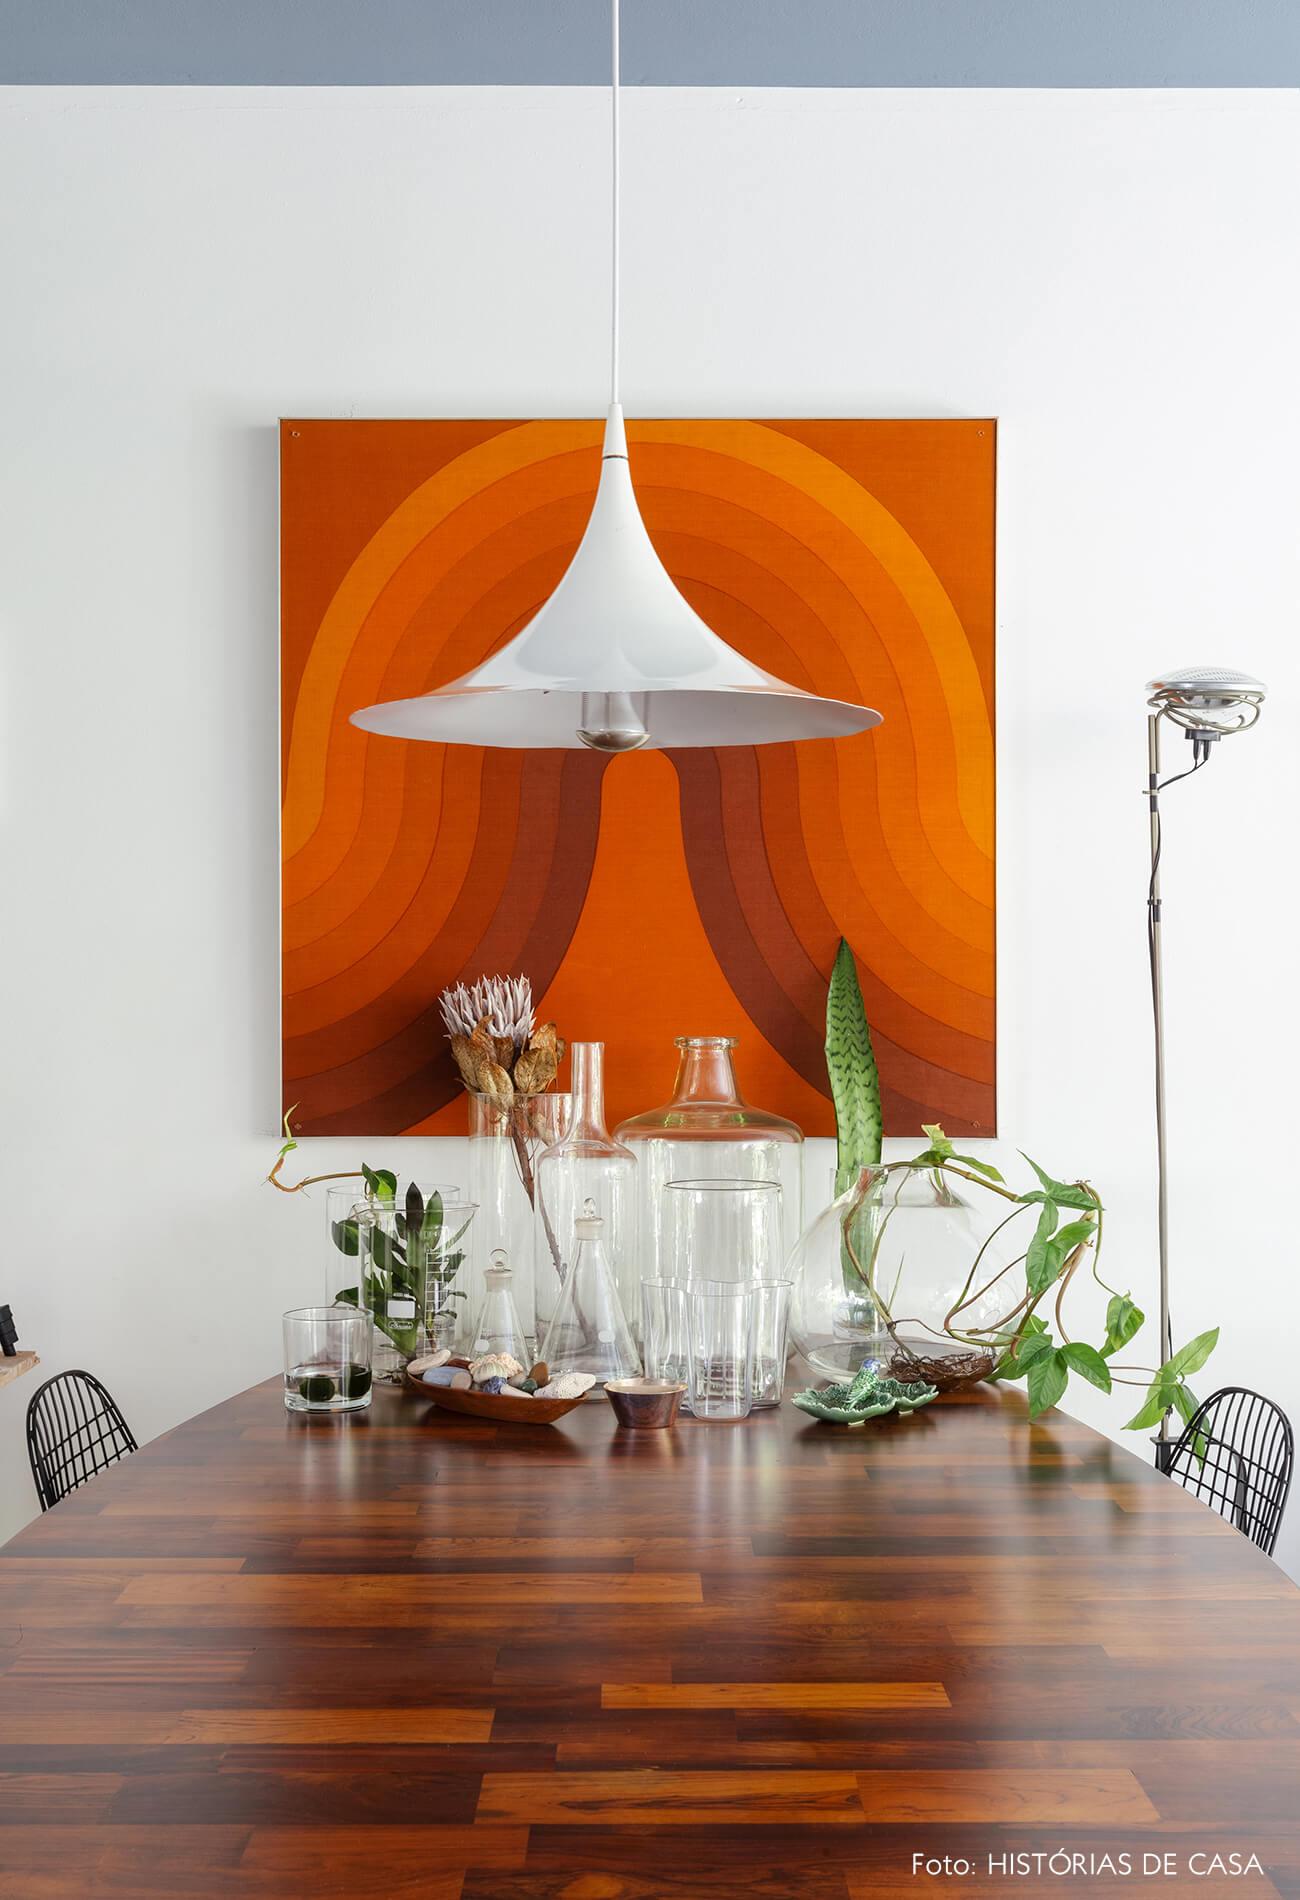 Apartamento do Maurício Arruda, sala de jantar com mesa vintage e frascos de vidro